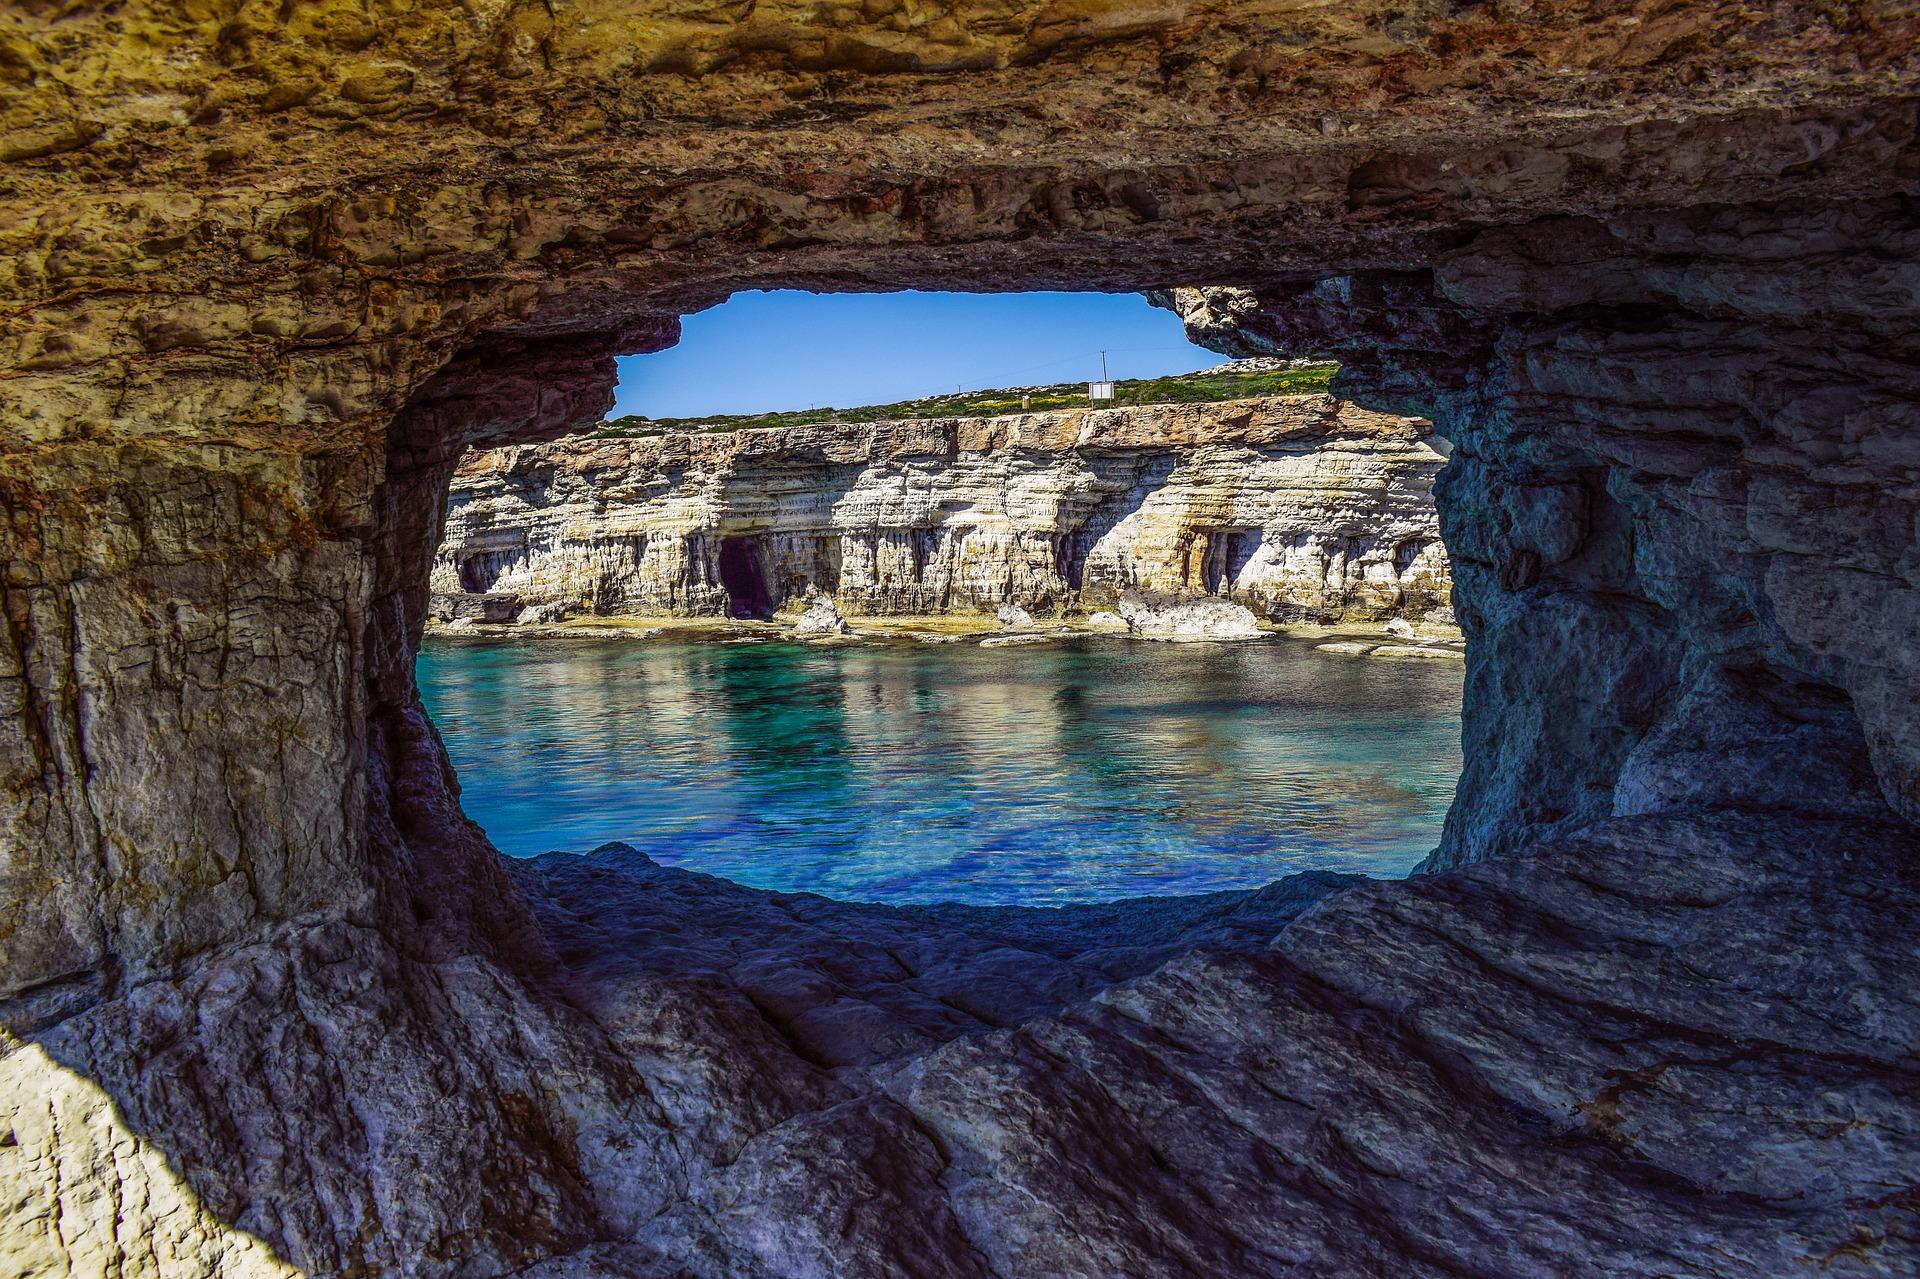 sea-caves-2169430_1920 (1)